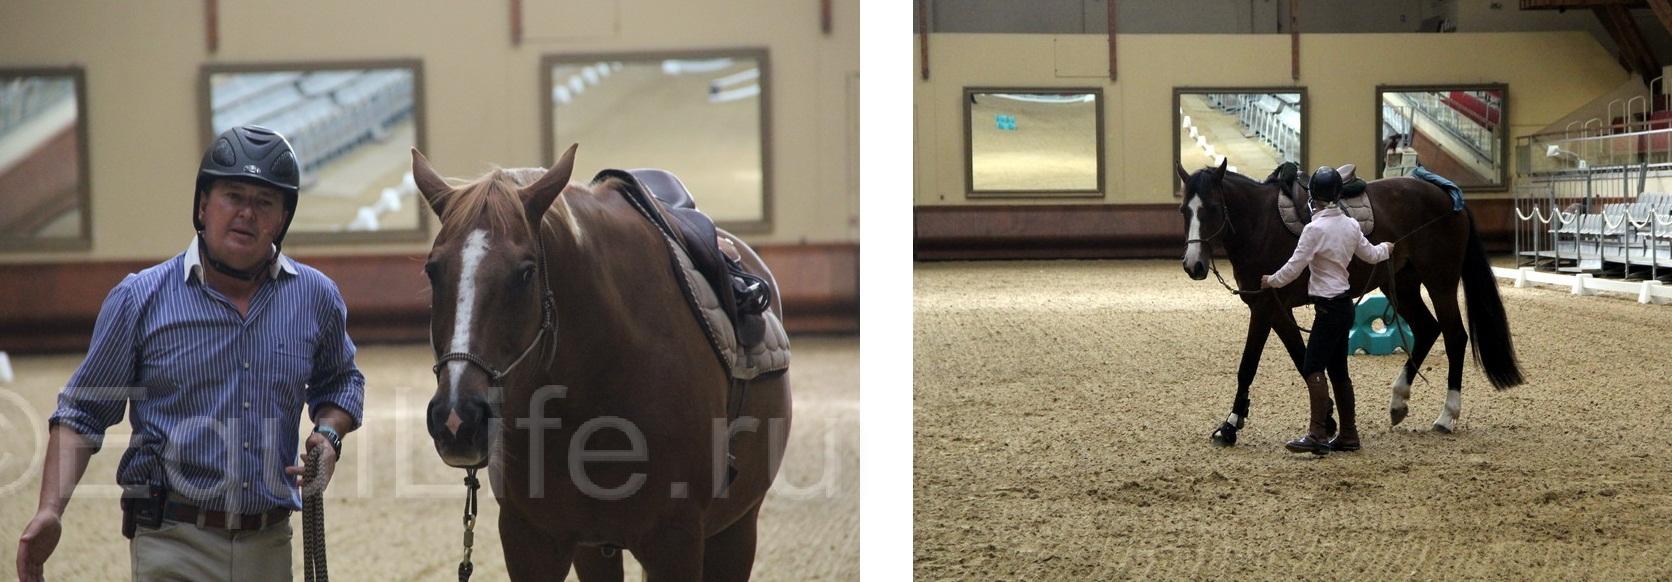 Отчет о посещении 12th International Society Equitation Science 2016 - фото IMG_0783-1_wm, главная События Тренинг , конный журнал EquiLIfe